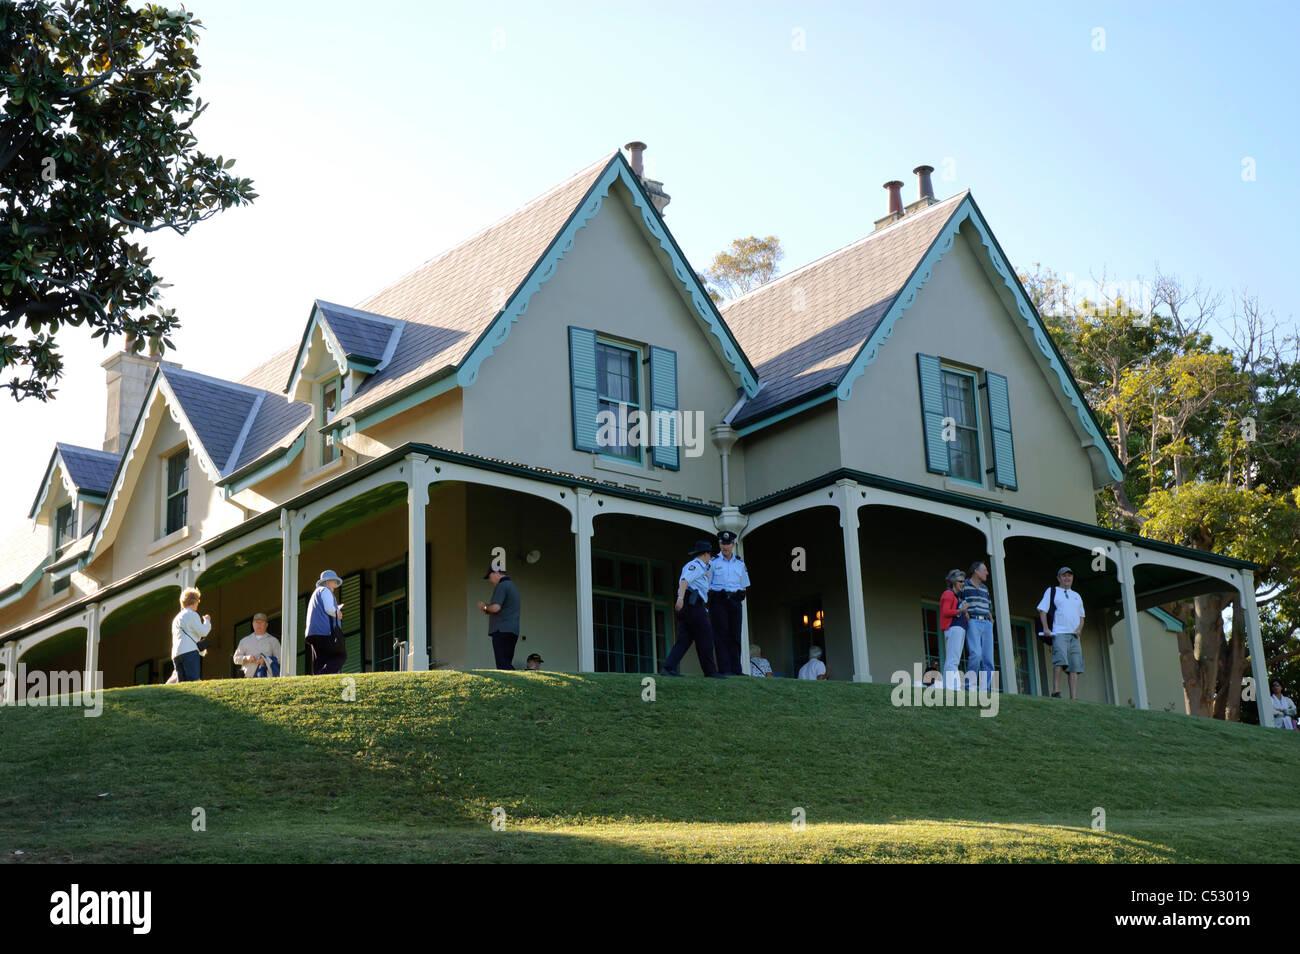 Kirribilli House, Sydney home of the Australian Prime Minister - Stock Image